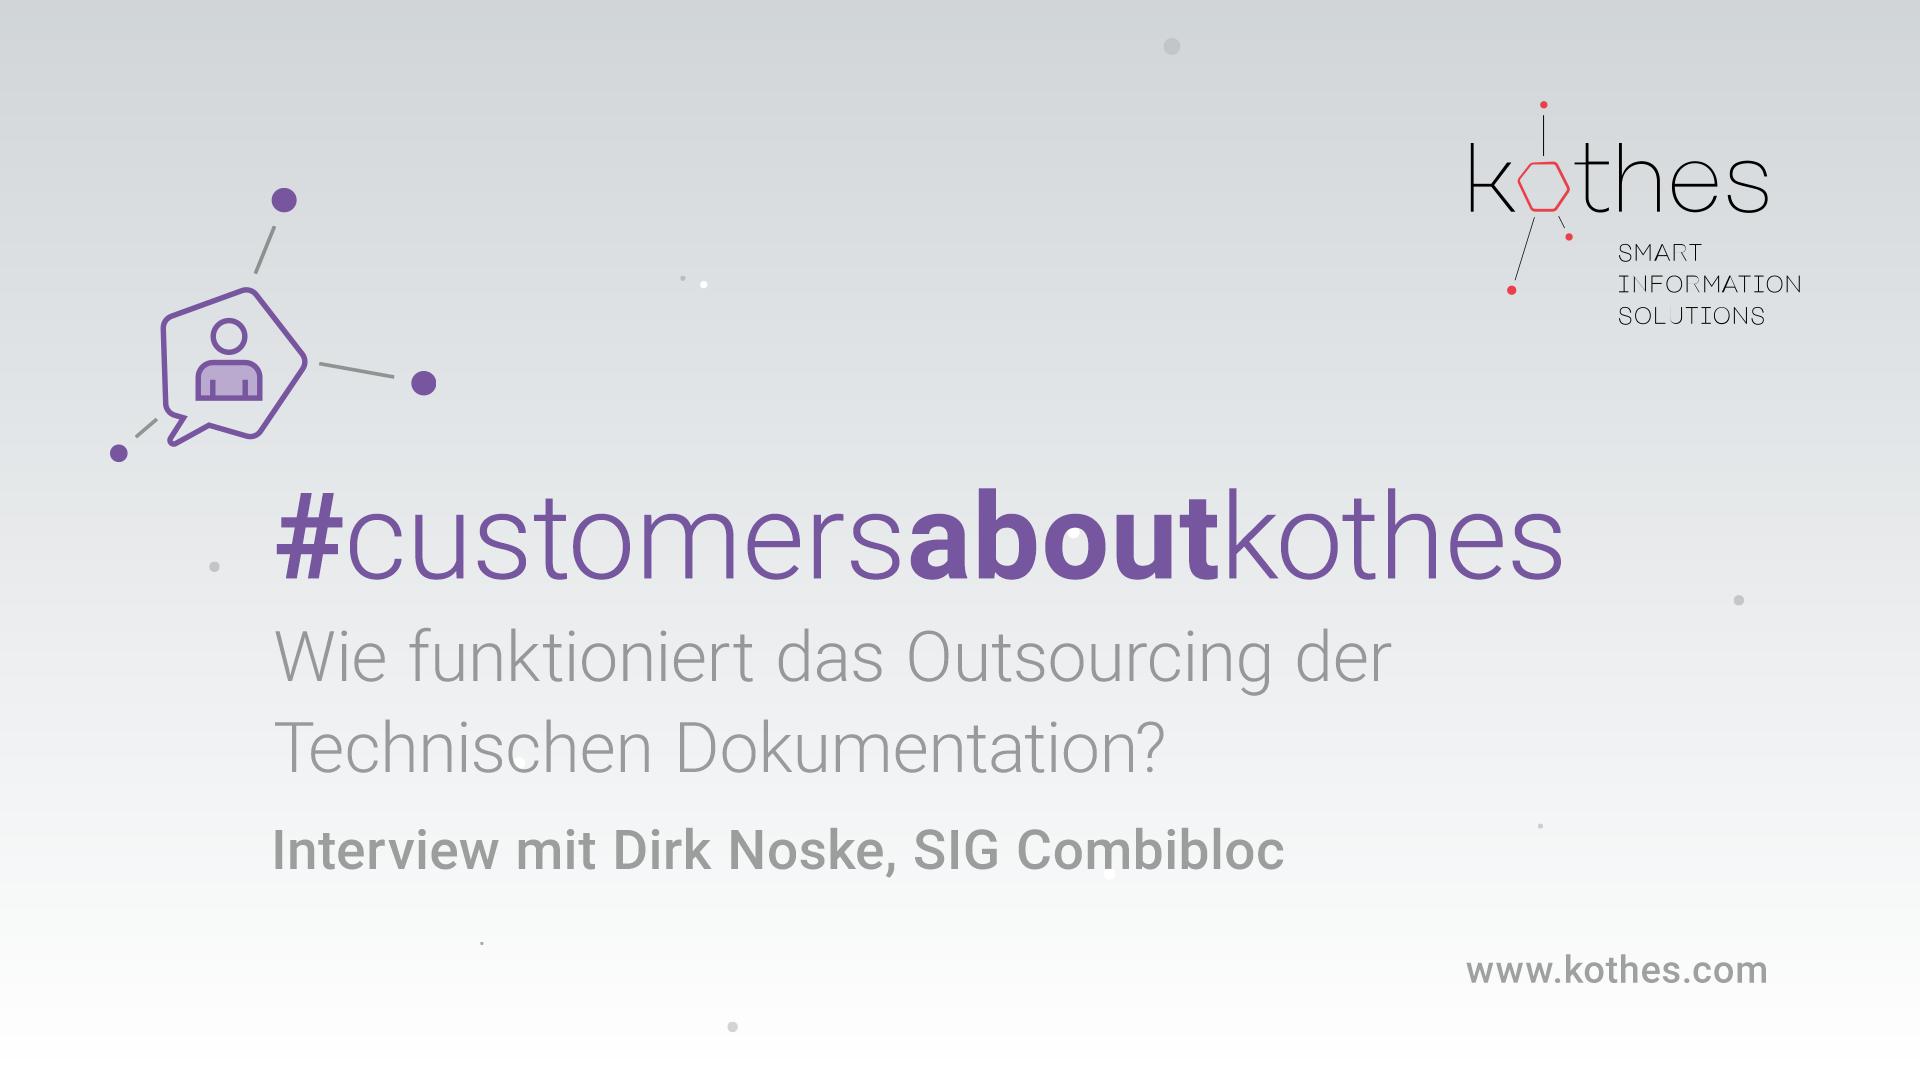 #customersaboutkothes – Hier kommen unsere Kunden zu Wort